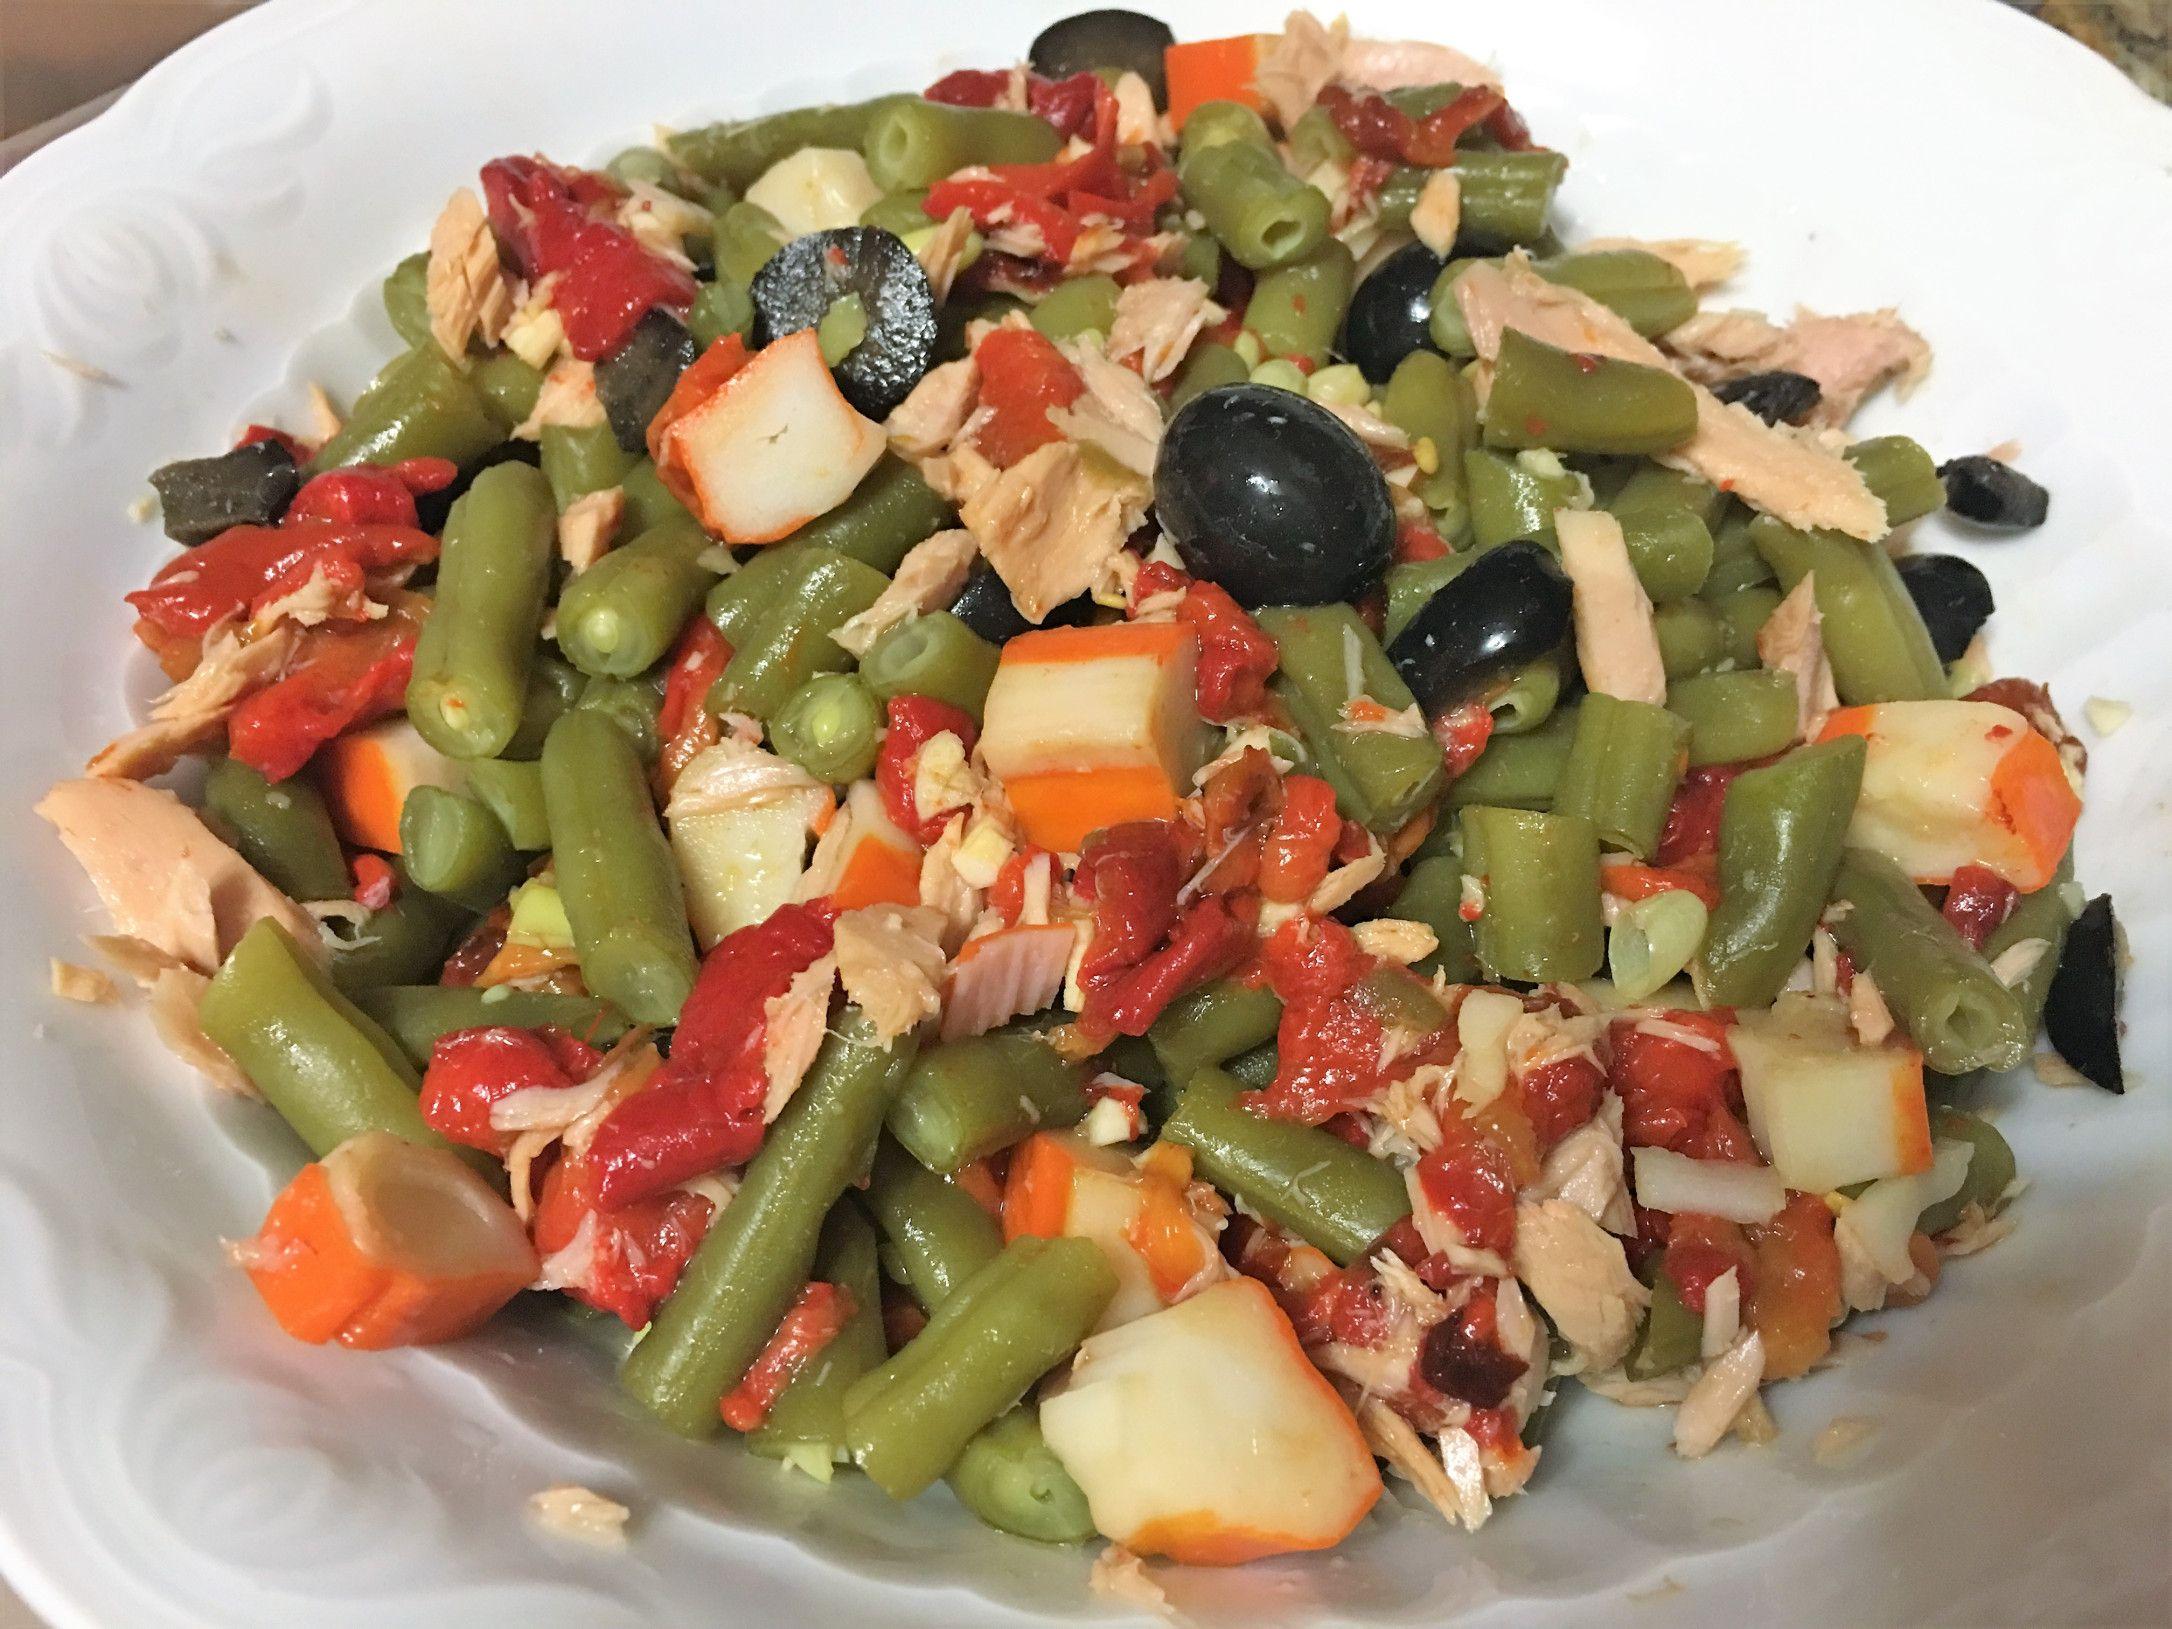 Ensalada De Judías Verdes Ensalada De Judias Verdes Comida Saludable Ensaladas Comida Light Recetas